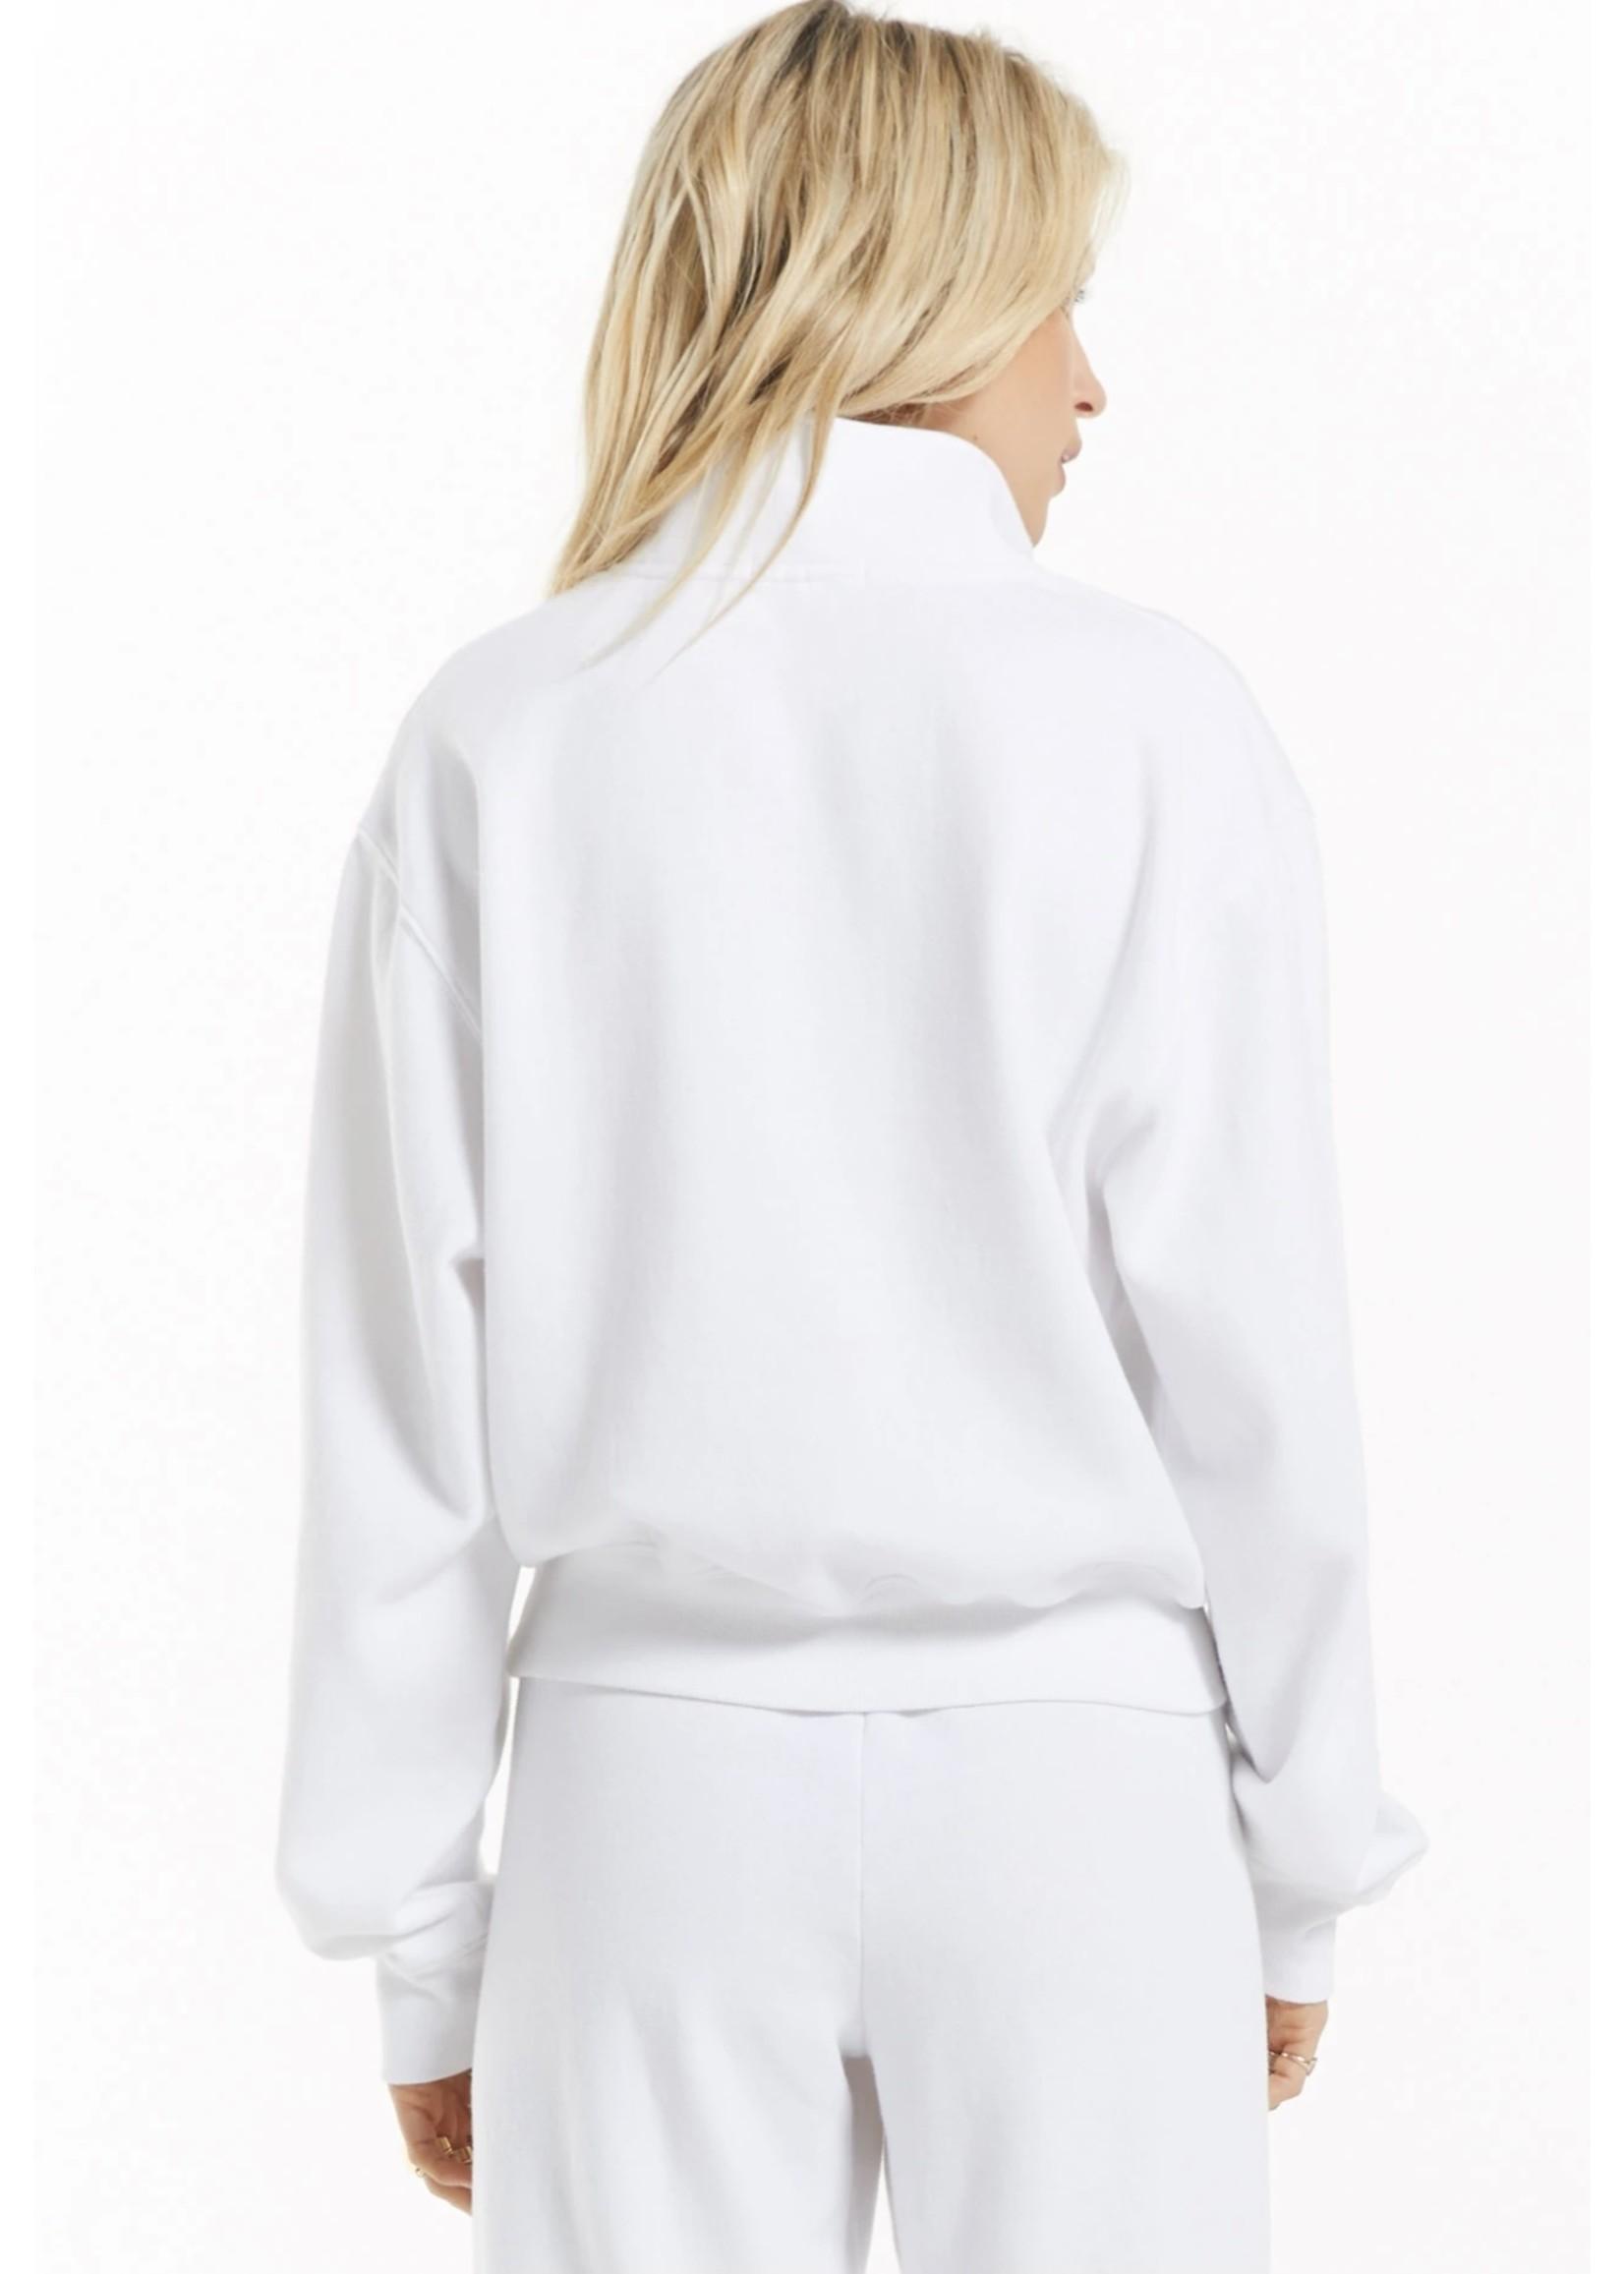 Z Supply Half Zip Sweatshirt - ZT213317